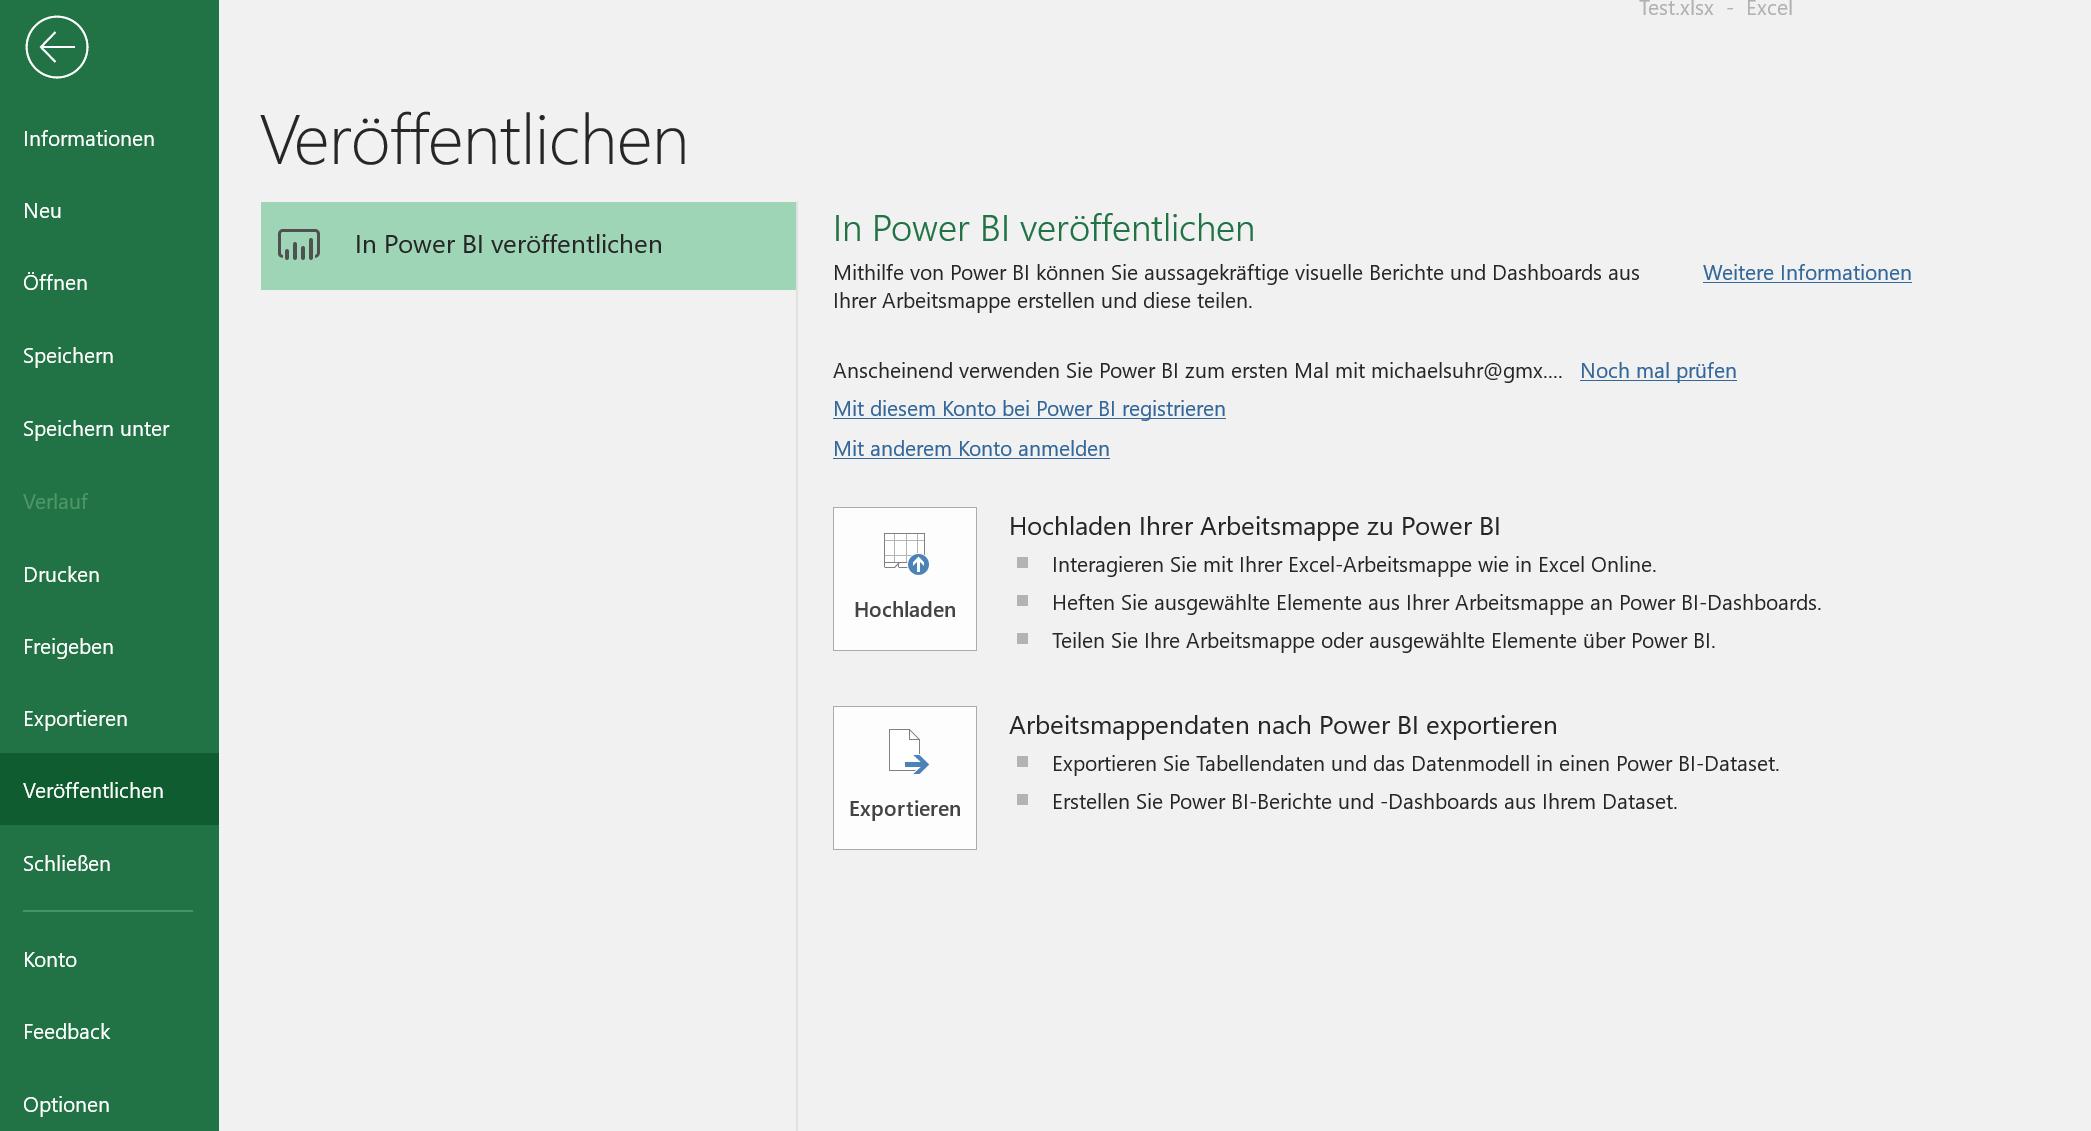 Excel 2019 Optionen - Ansicht 5